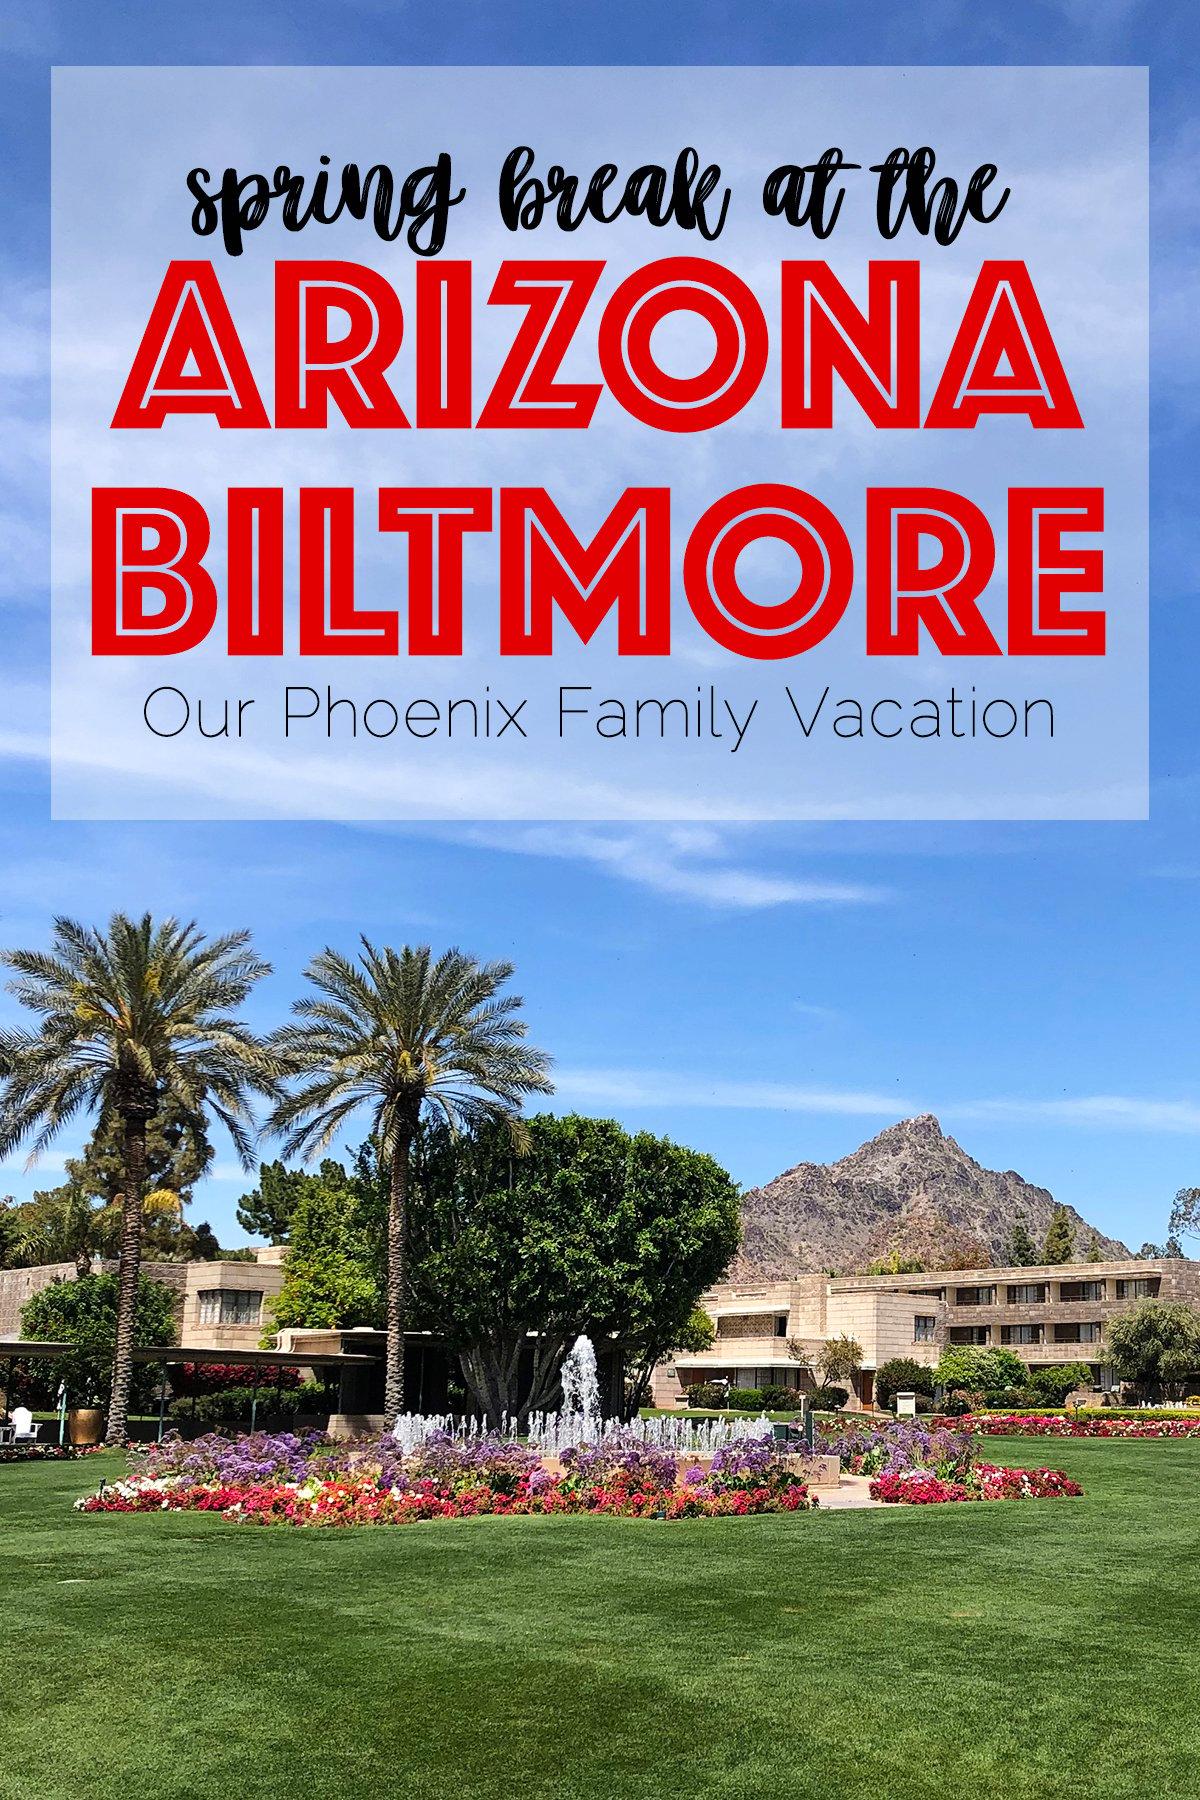 Biltmore hotel arizona